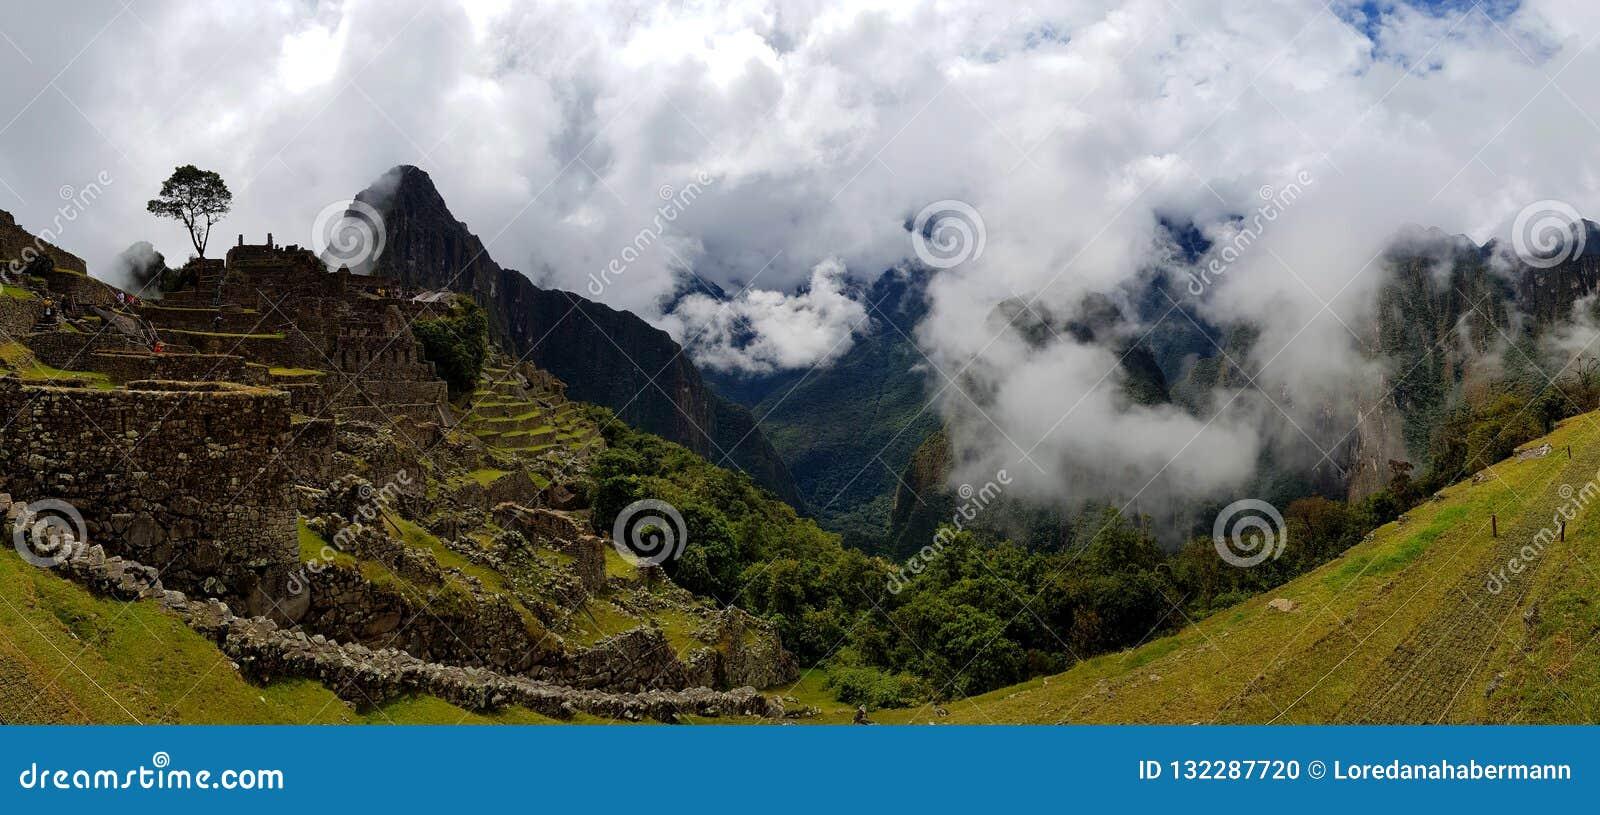 Mach Picchu, Incnca ruiny w Peruwiańskich Andes